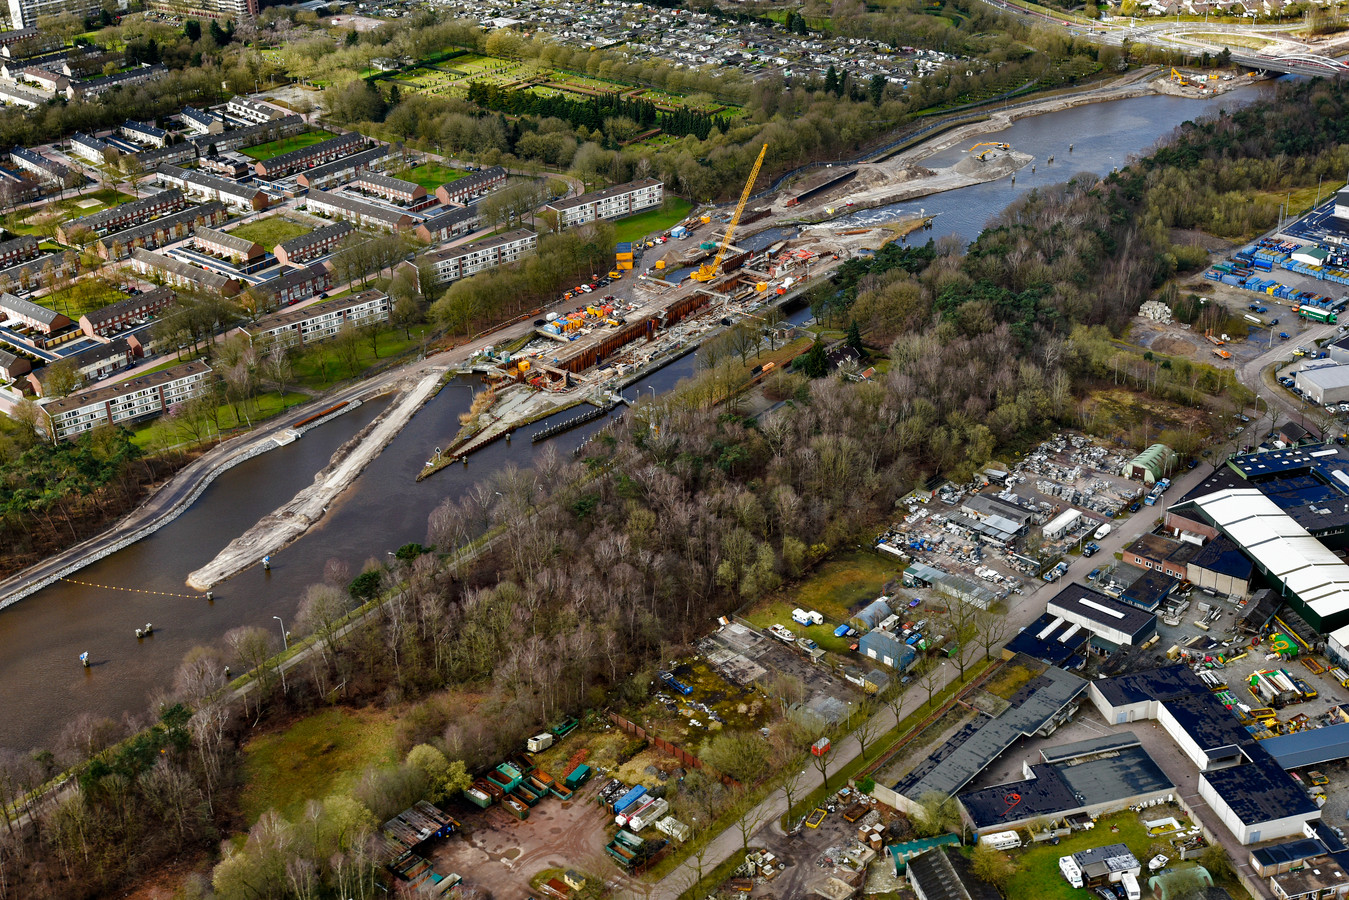 Sluis 3, op deze foto nog in aanbouw, is al klaar. Op dit stuk is het Wilhelminakanaal al bevaarbaar voor de grootste containerschepen. Voor het deel bij sluis 2 in Reeshof is dat nog niet zo. Het besluit valt binnenkort.